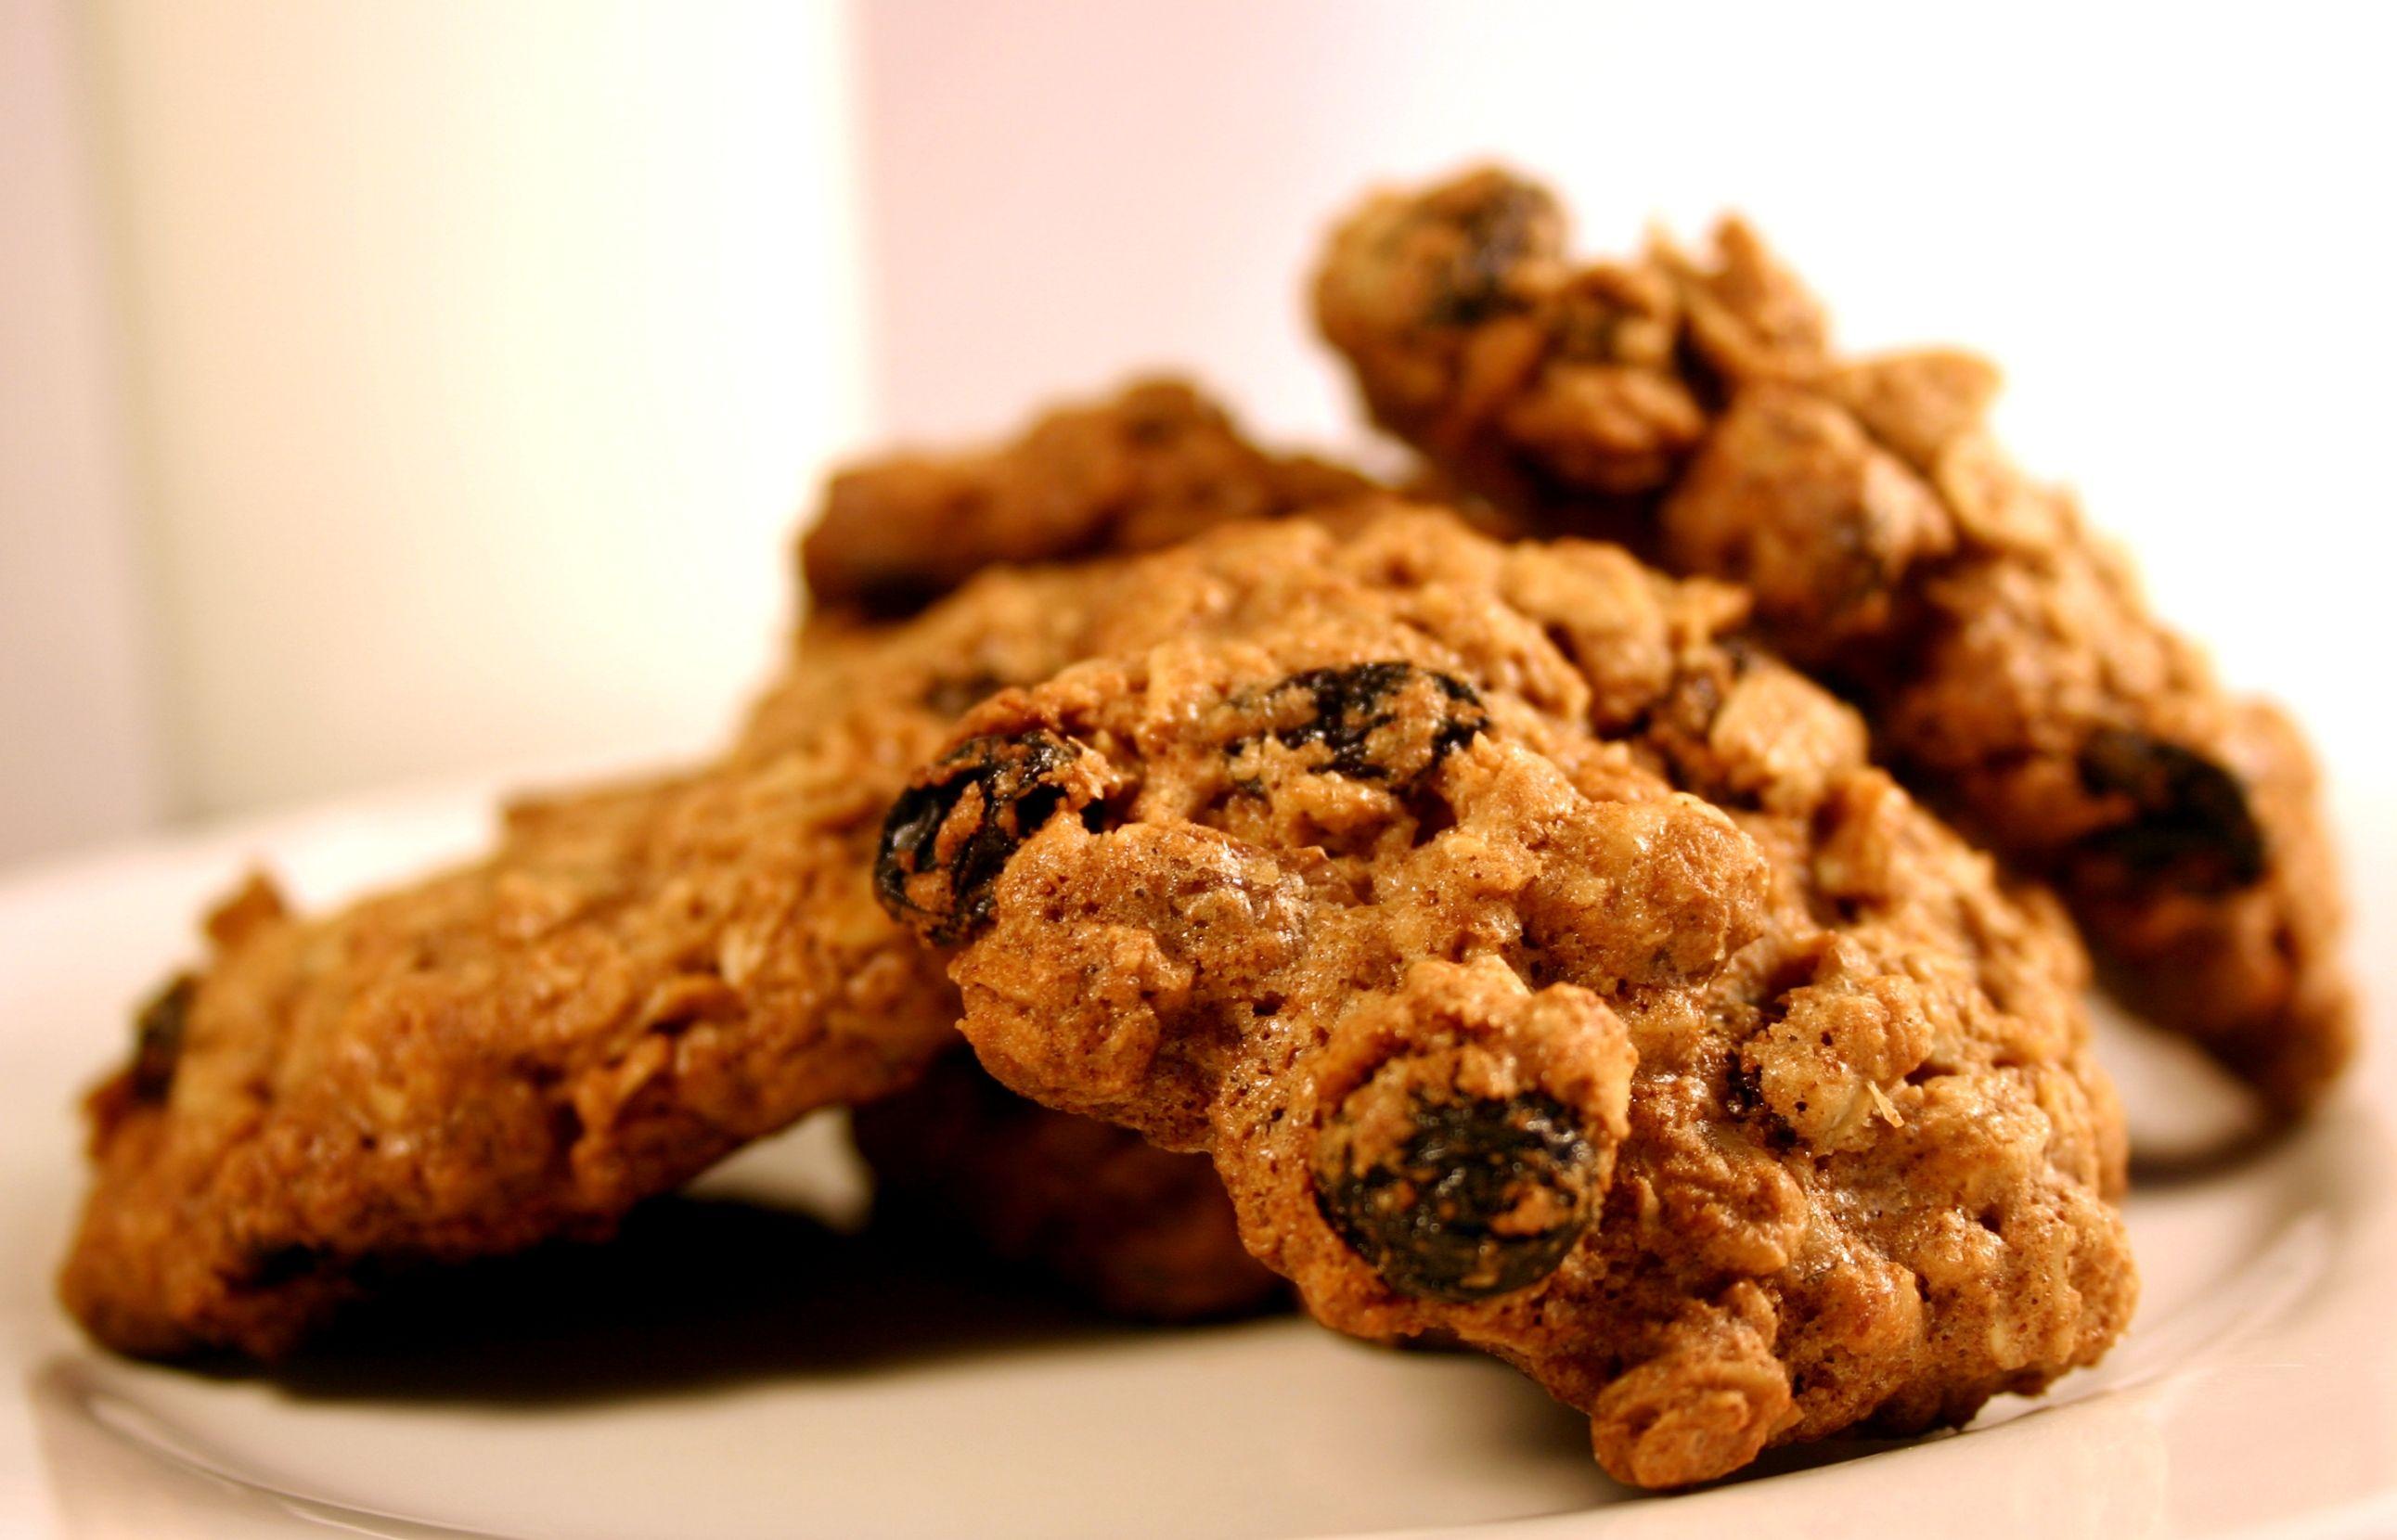 Llevó a la misa galletas locas y les convidó a los feligreses